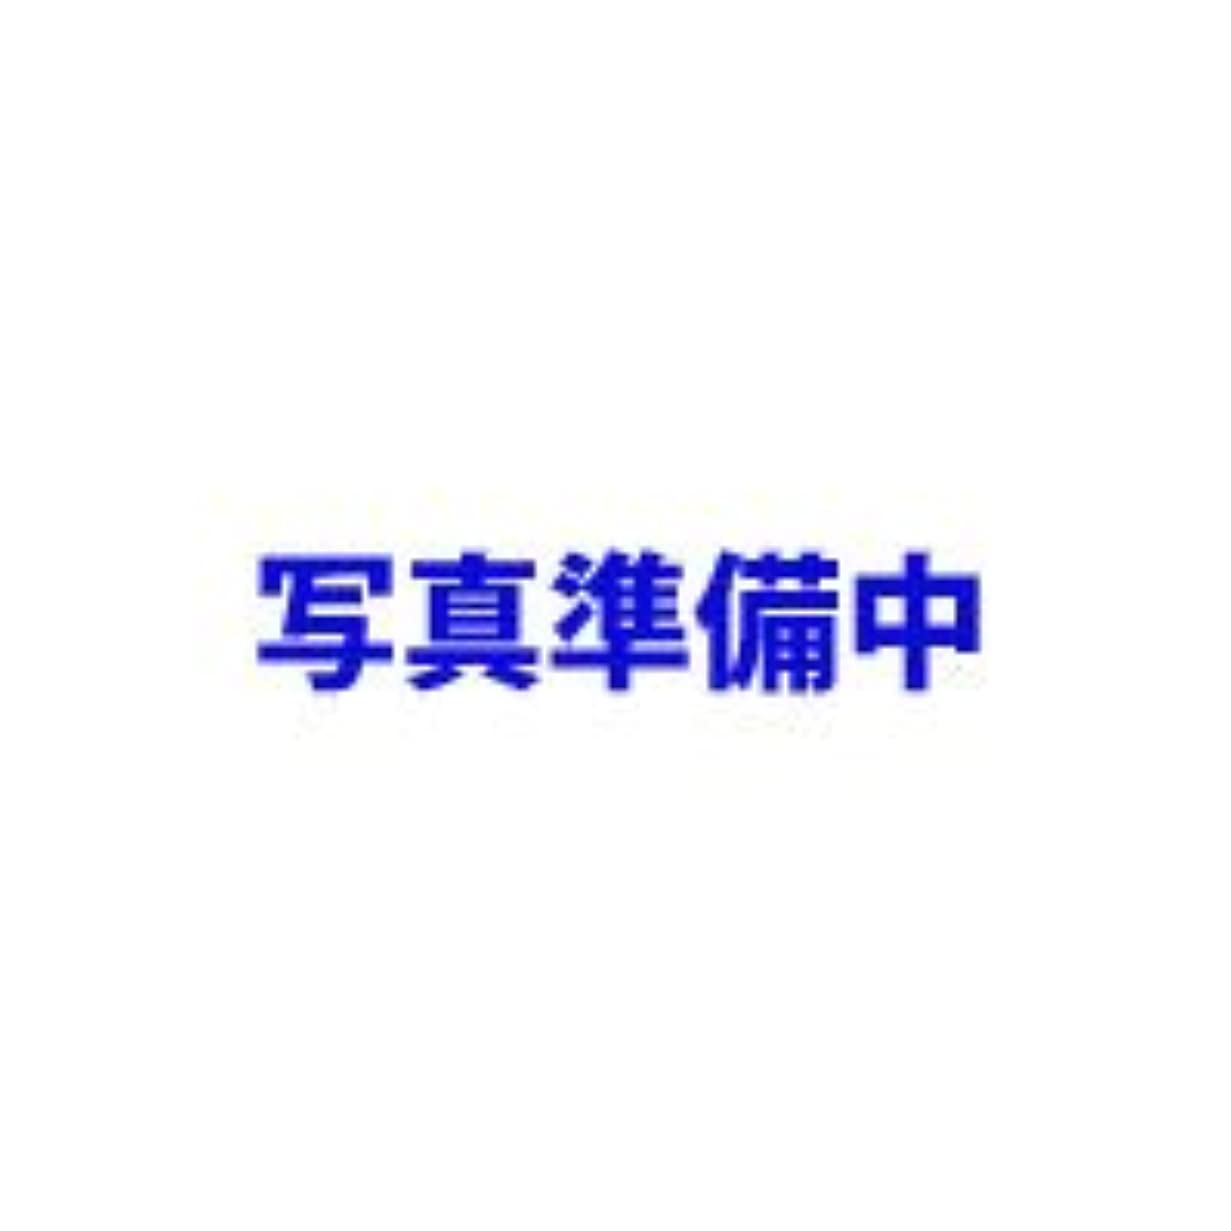 ホイッスル起きろパワーSRサンツアー リアショック用リディーサ サイズ:8X17.5X35mm(389457)